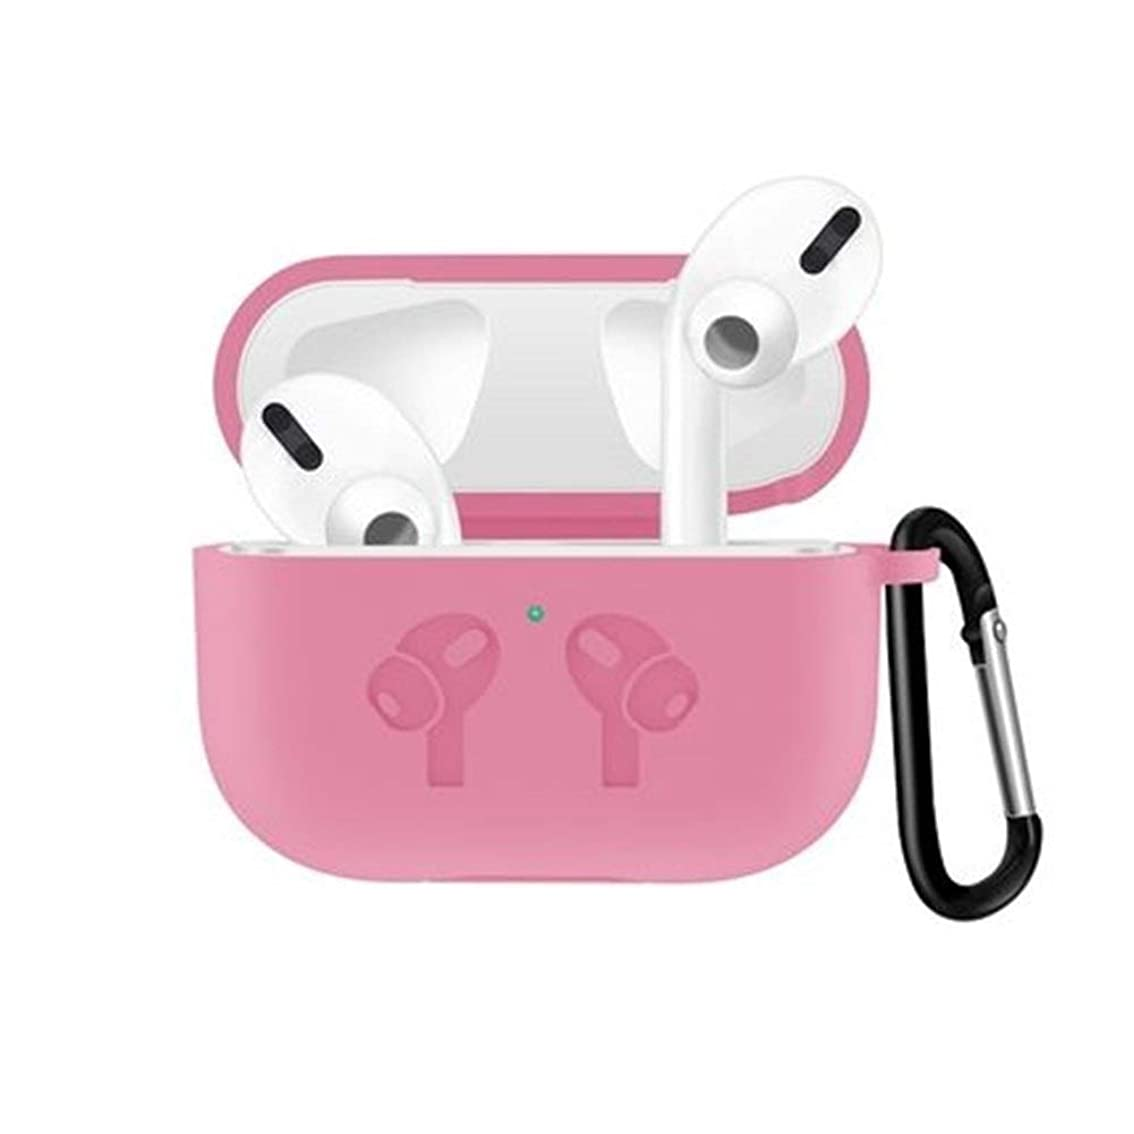 追い出す知事取り囲む8HAOWENJU AirPodspro保護カバーairpods3ワイヤレスBluetoothヘッドセットのセット液状シリコーンソフトシェル超薄型ビジネスシンプルな保護シェルの三の世代への適用 (Color : Pink)